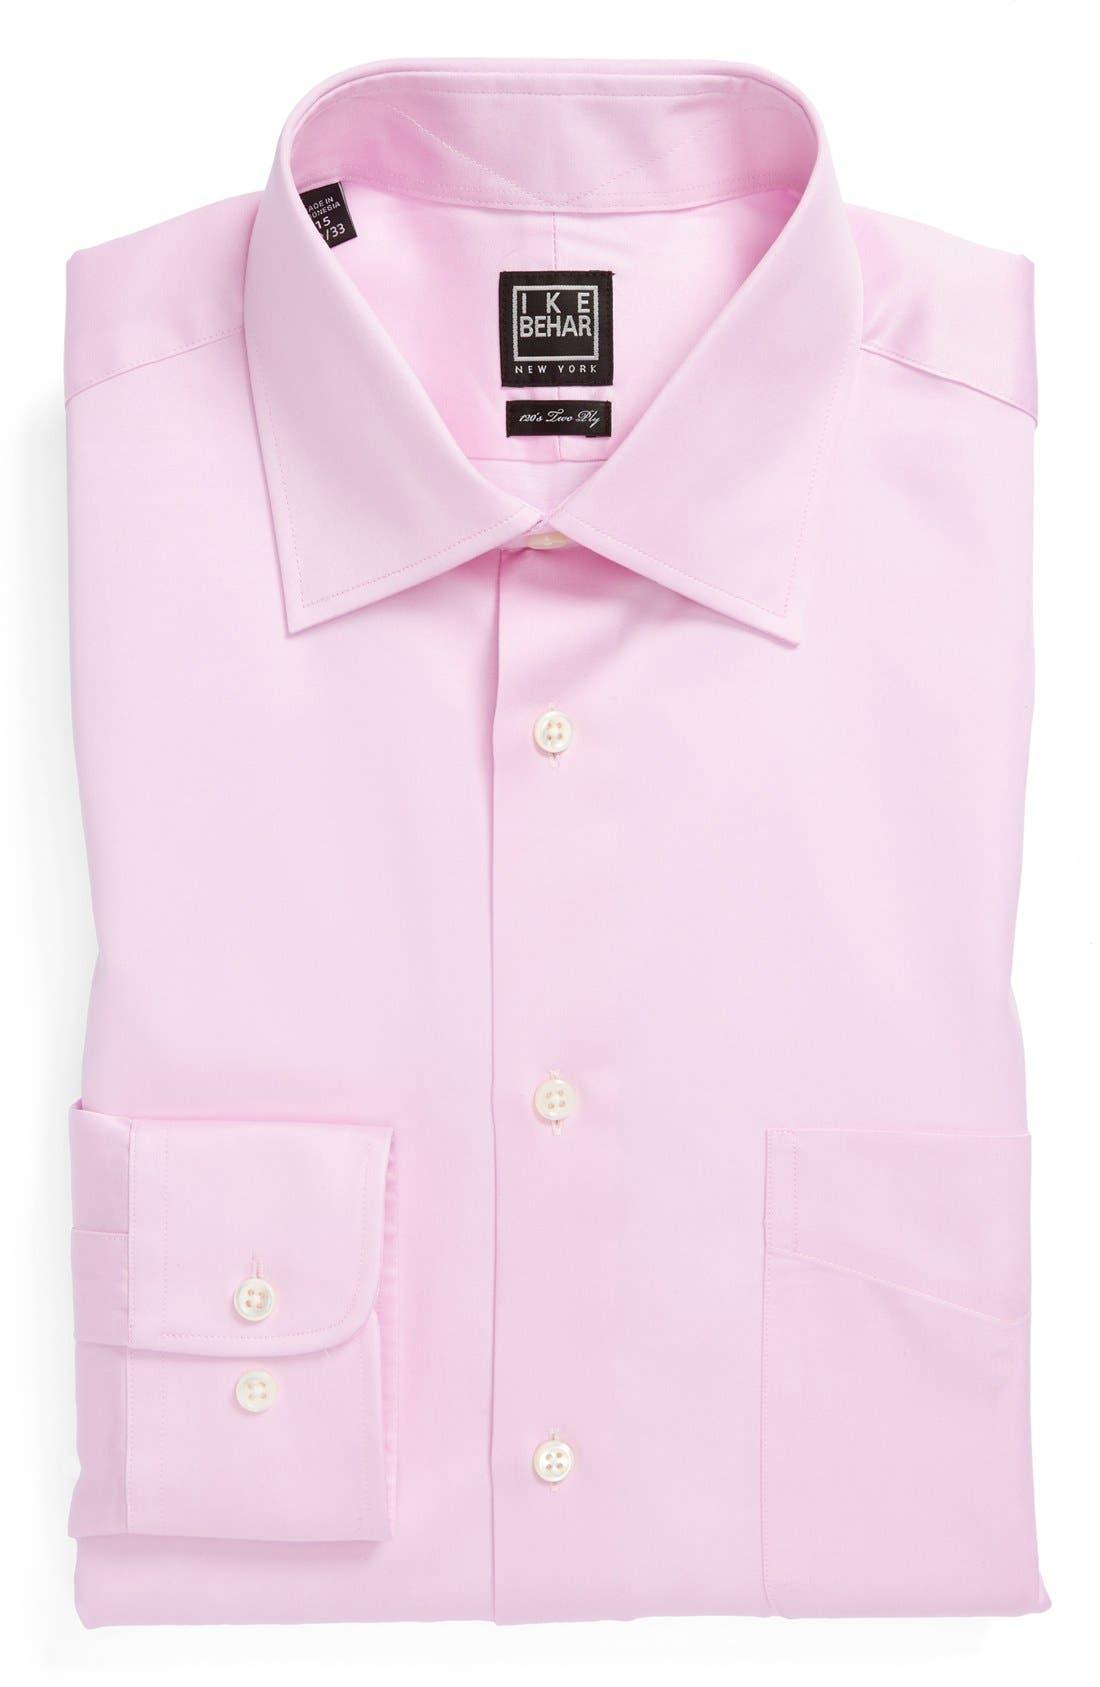 Alternate Image 1 Selected - Ike Behar Regular Fit Solid Dress Shirt (Online Only)